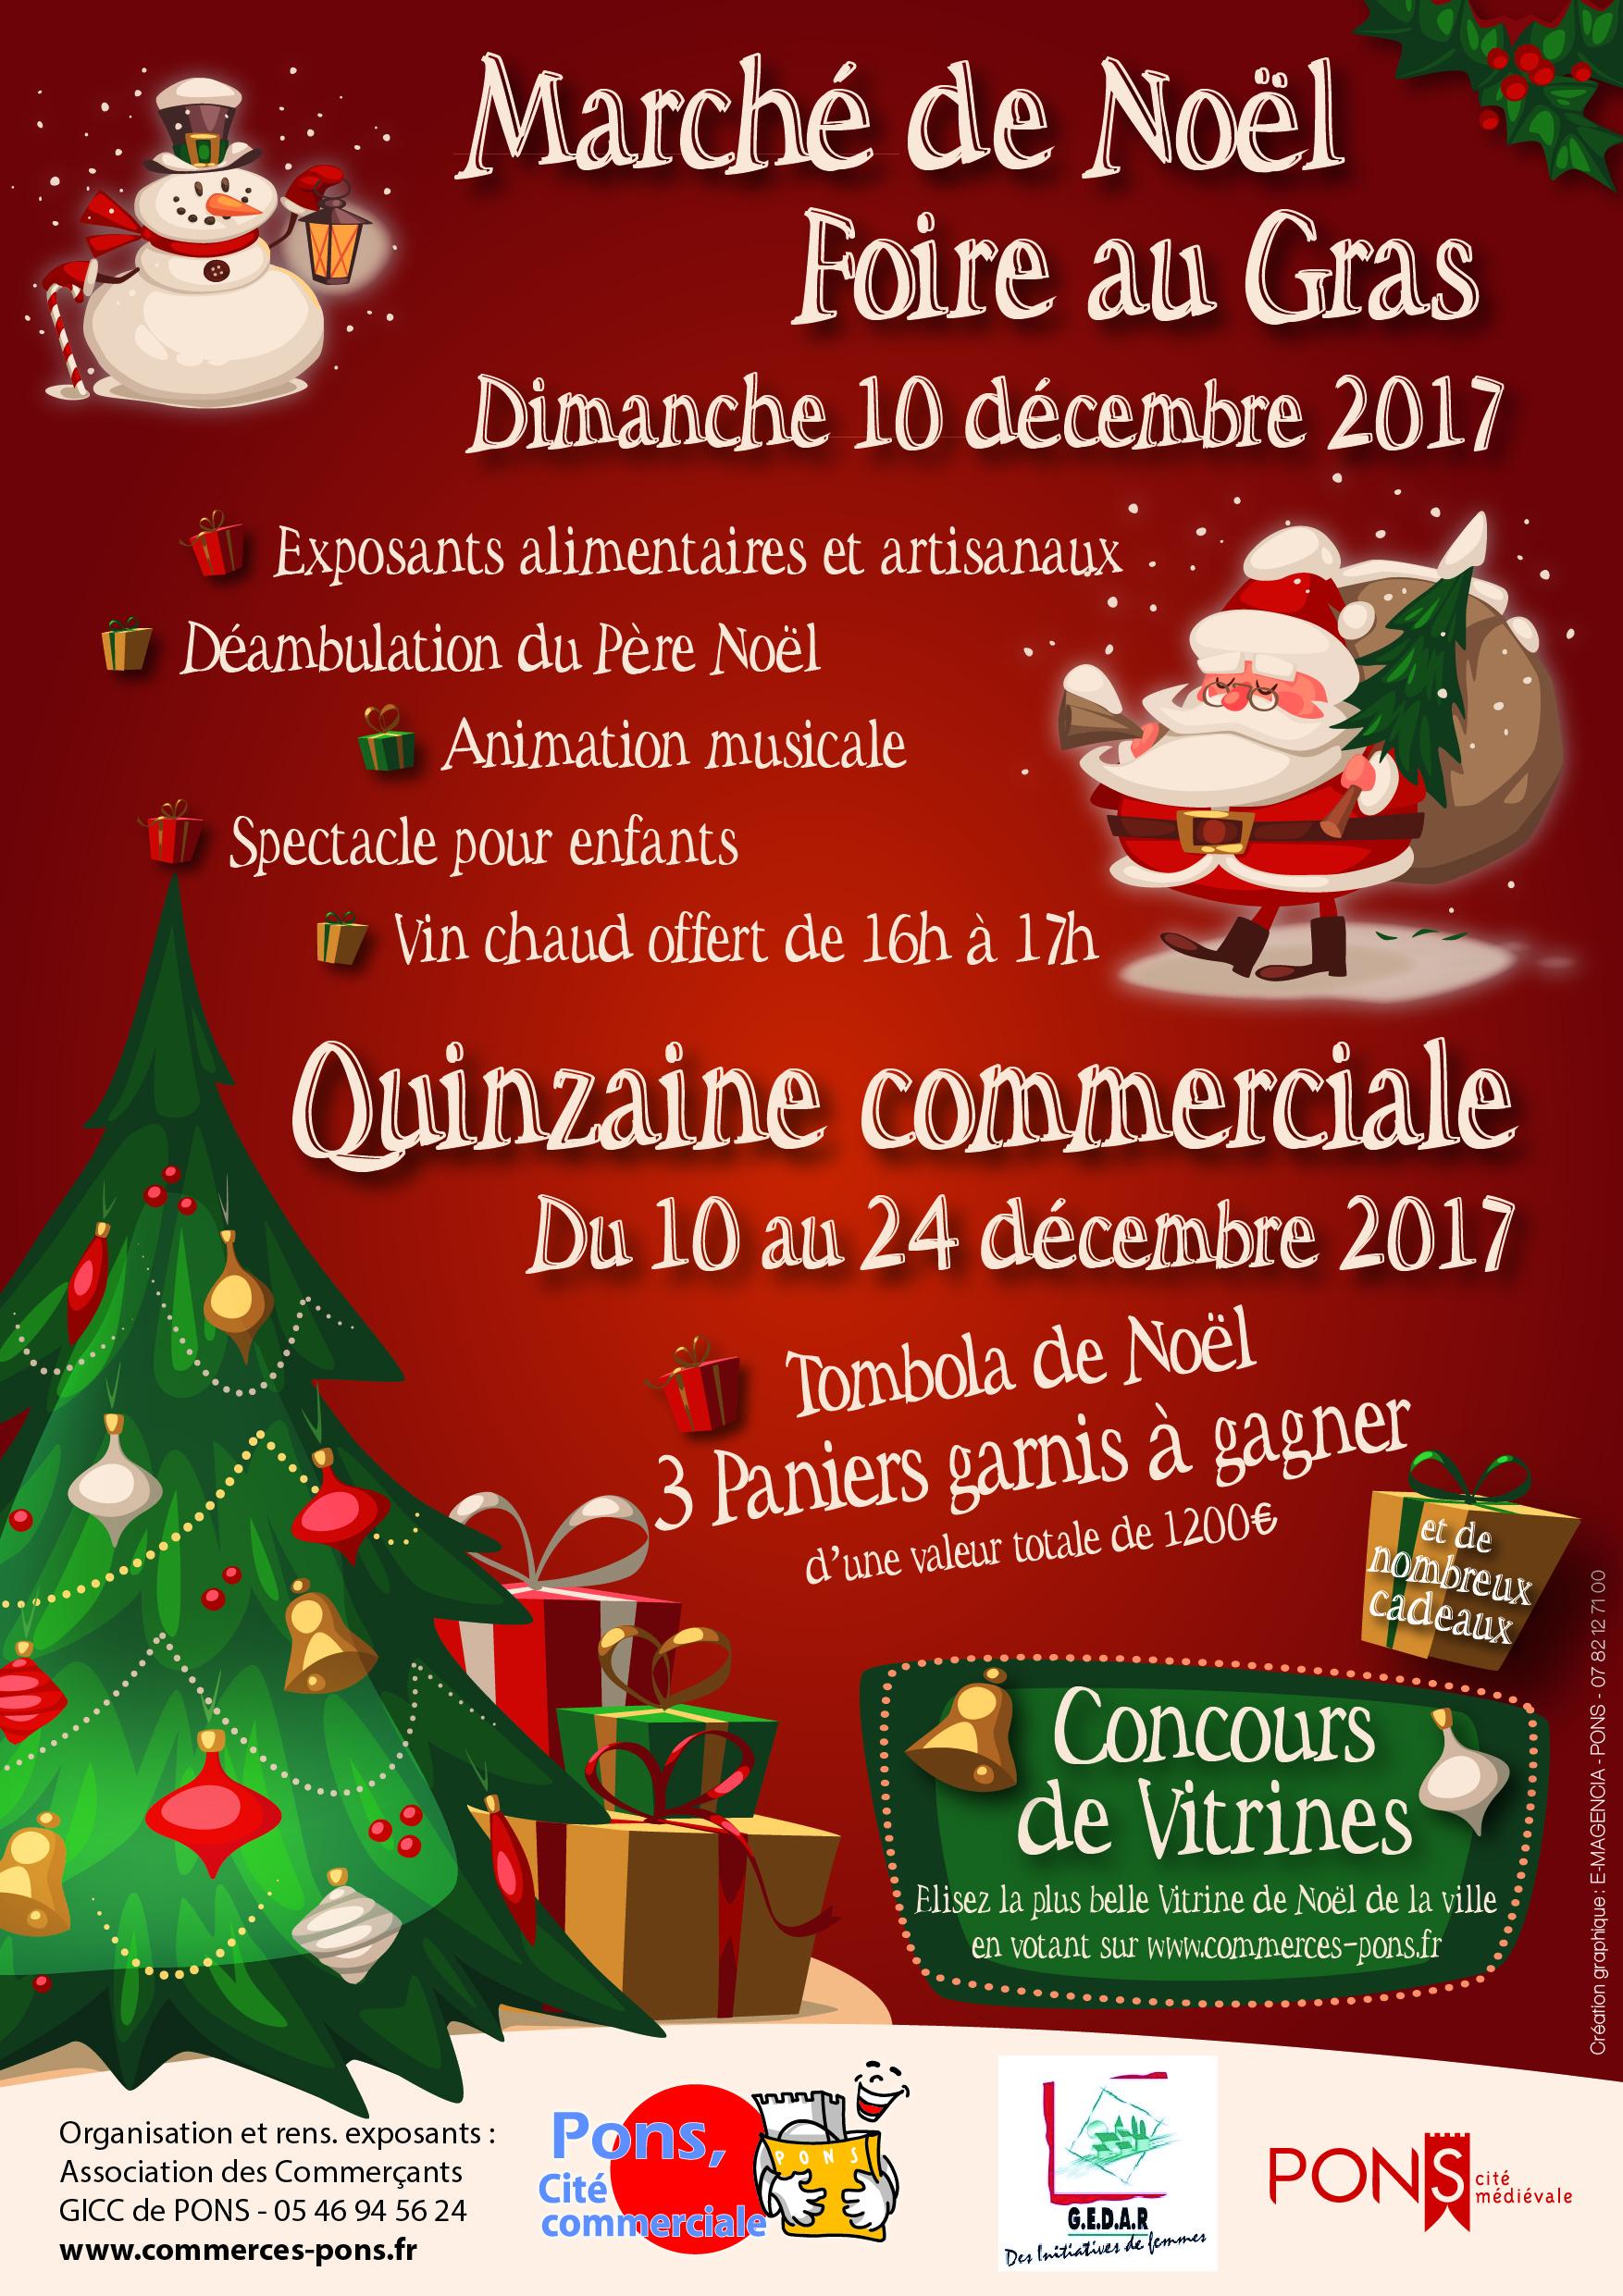 Marché de Noël 2017 - GICC Pons cité commerciale